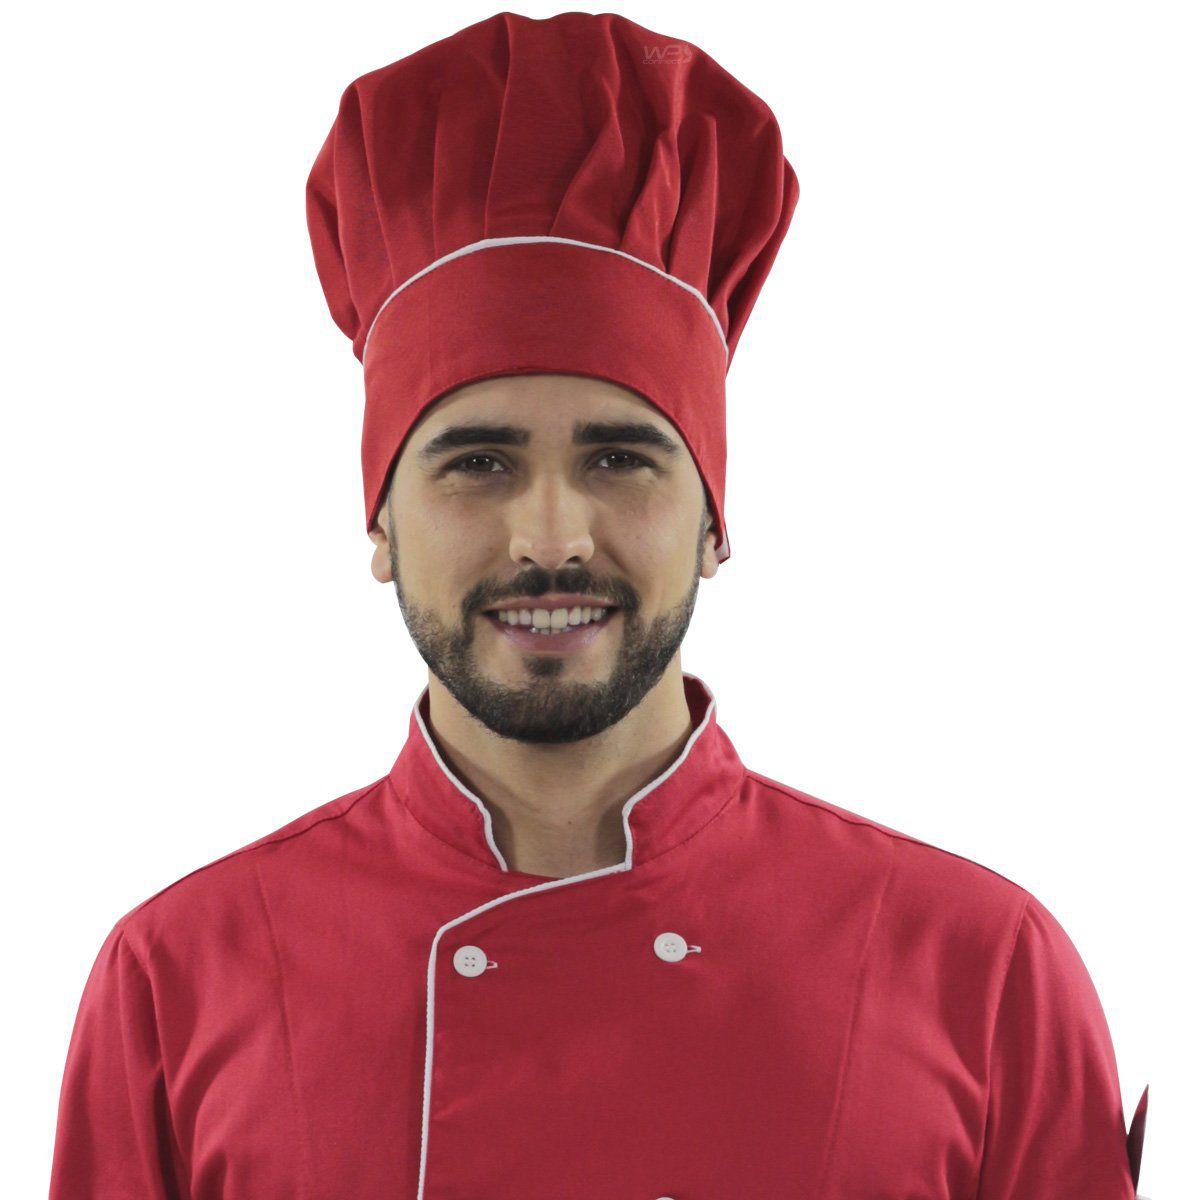 Touca Chef De Cozinha Confeiteiro - Vermelho Red Gold